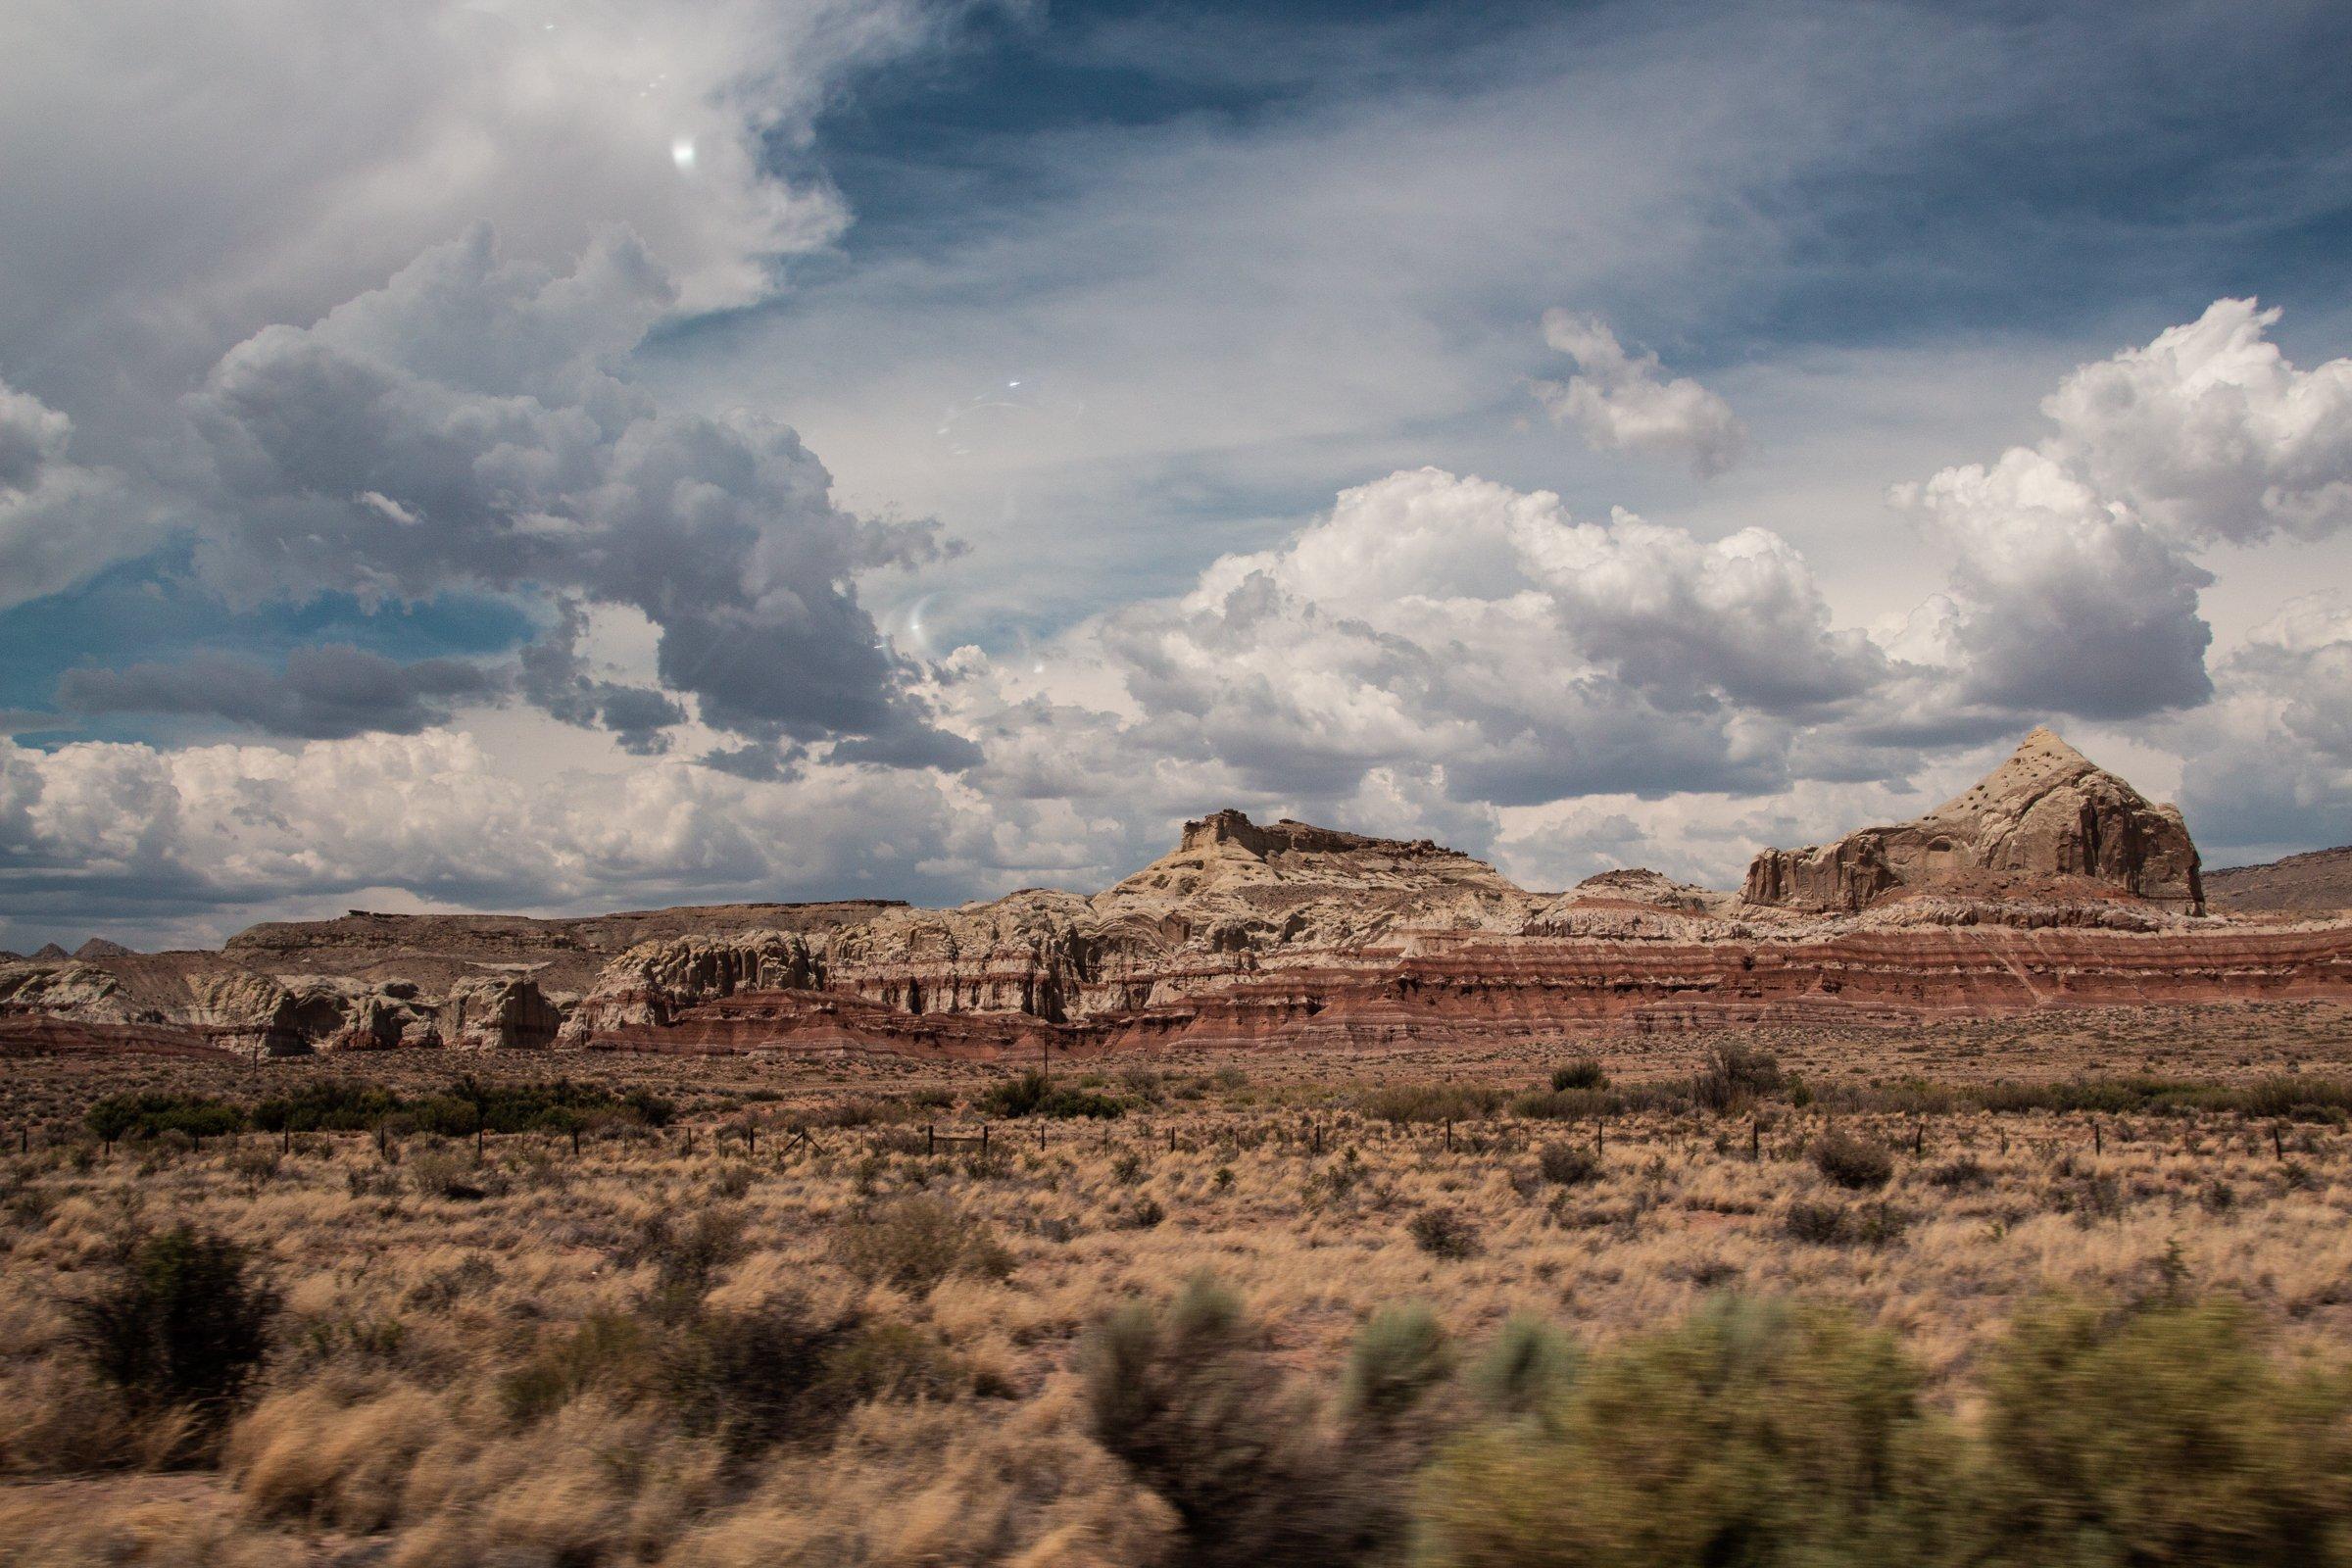 Cloudy Sky Over Desert Mountains